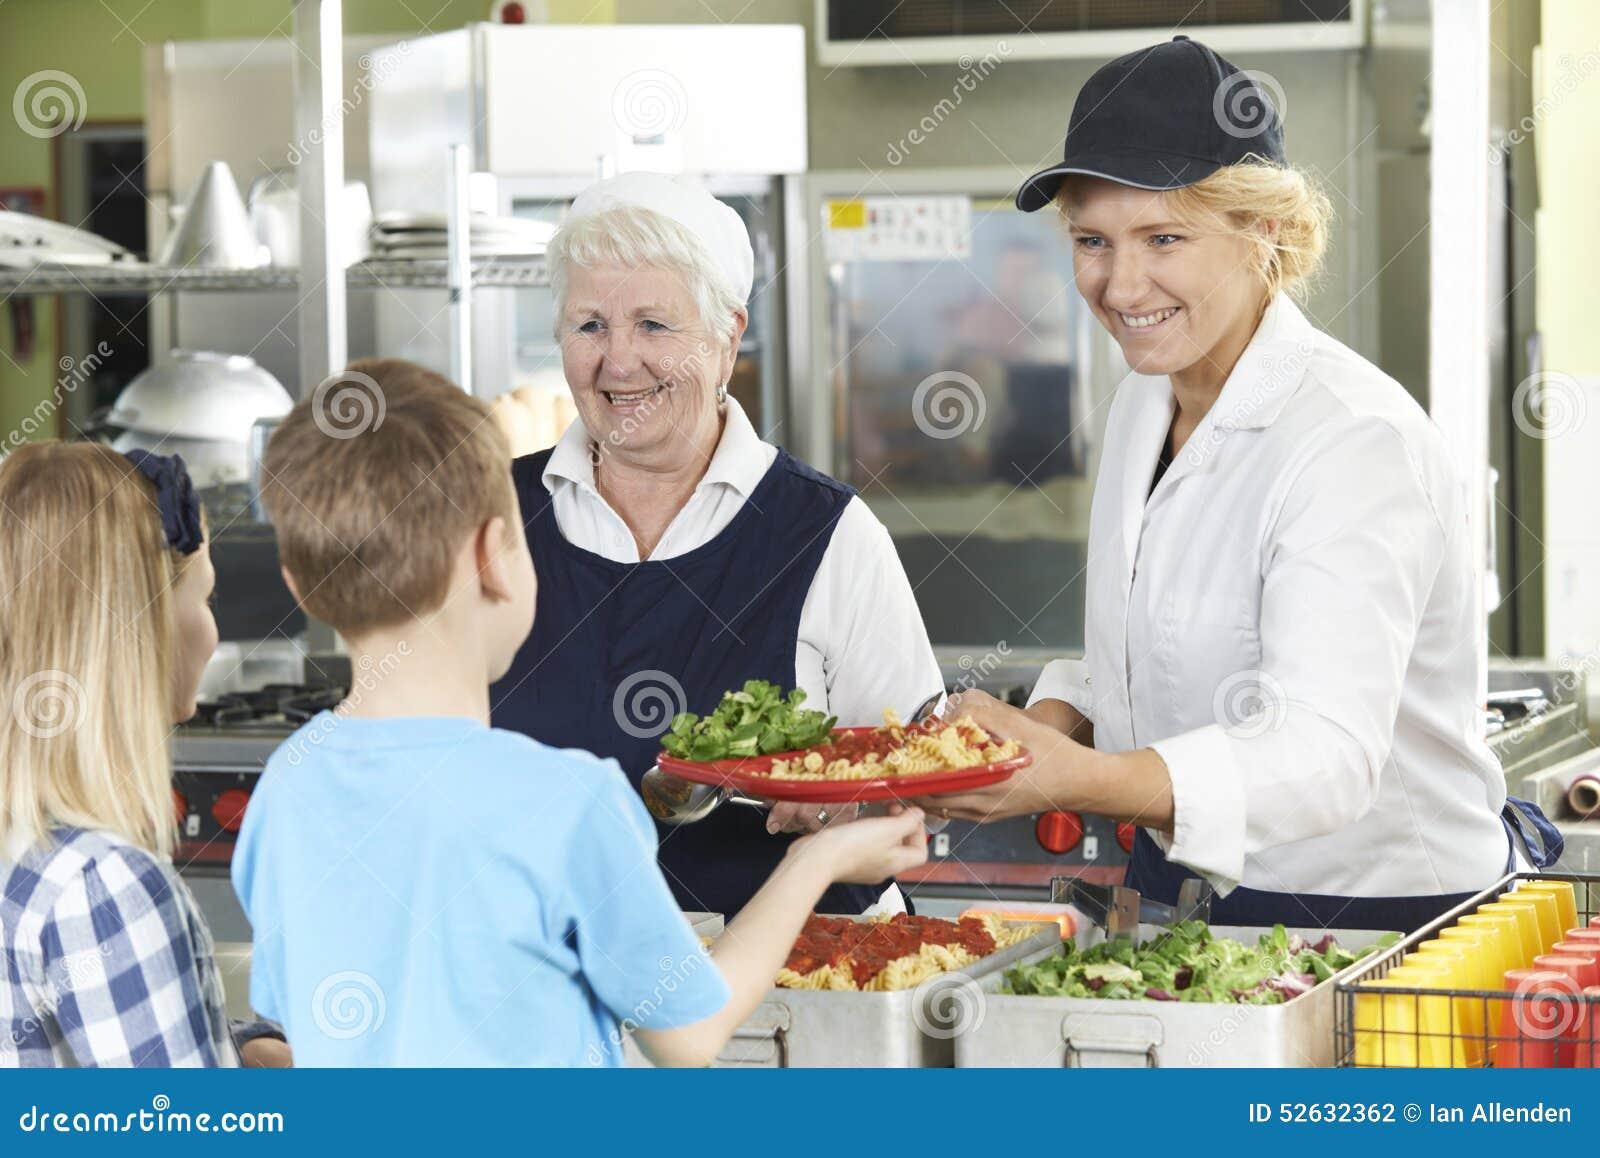 Зрачки в школьном кафетерии будучи послуженным обед дамами обедающего